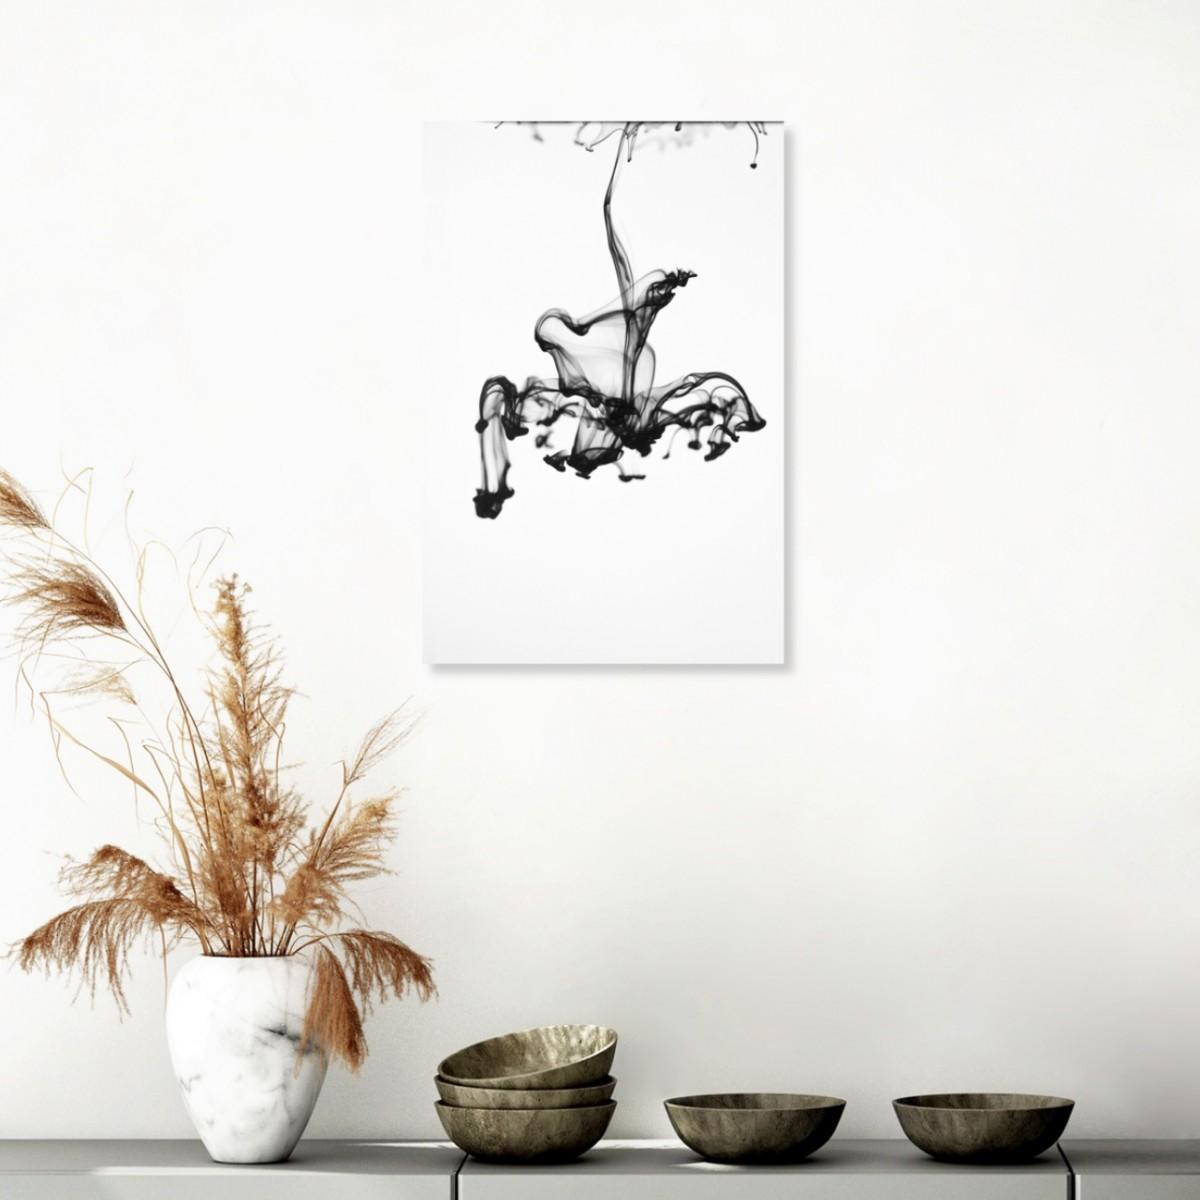 """nahili POSTER / ARTPRINT """"SLOW movement"""" (DIN A1/A3 & 50x70cm) schwarz weiß Fotografie"""